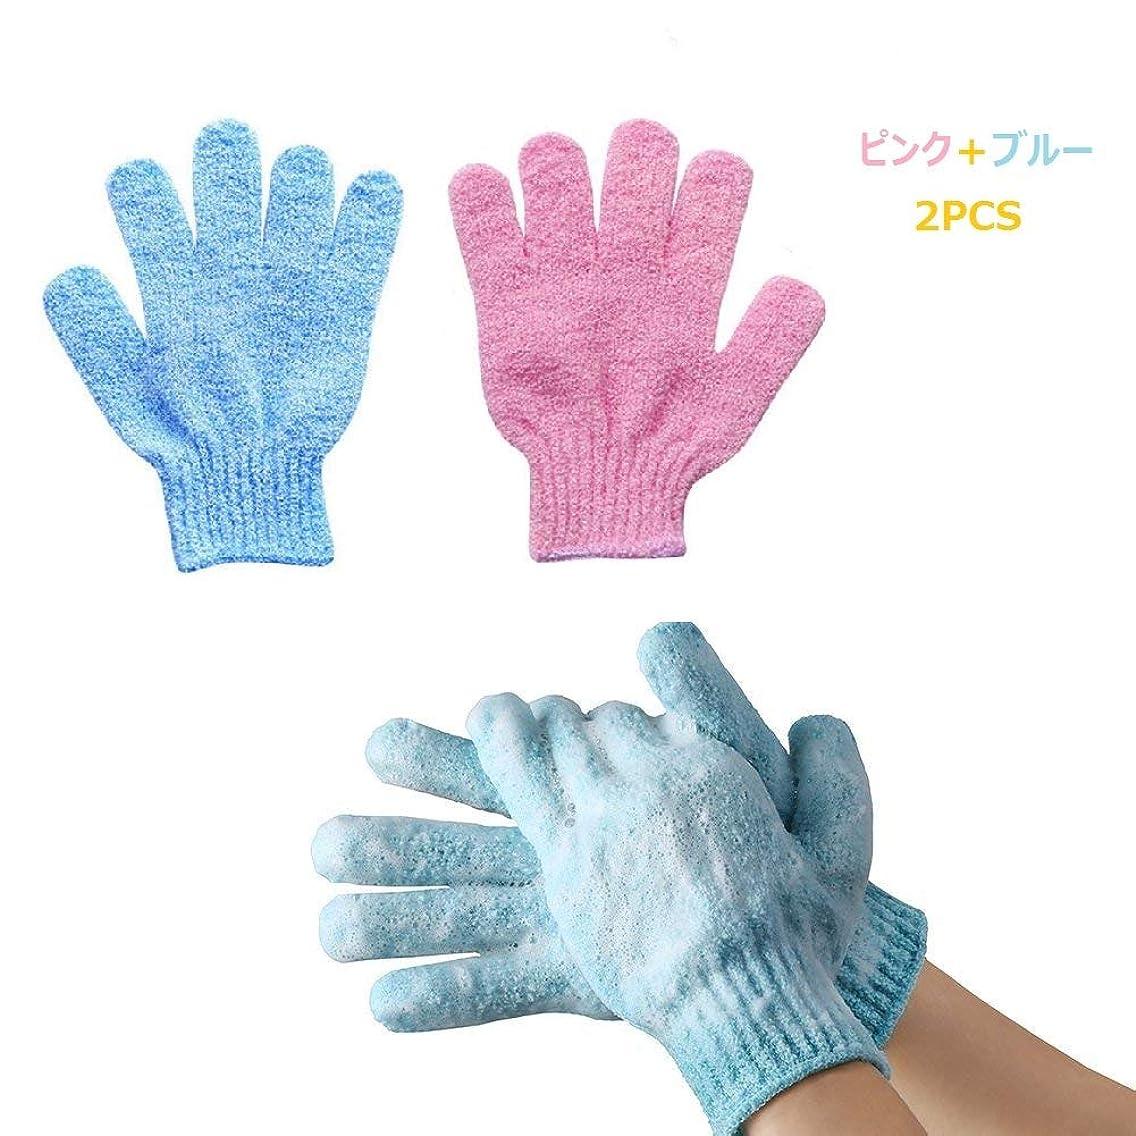 ジョリーバインド飛行機ROOFTOPS お風呂手袋 五本指 シャワーグローブ 泡立ち 柔らかい 入浴用品 角質除去 垢すり 2PCS (ピンク+ブルー)